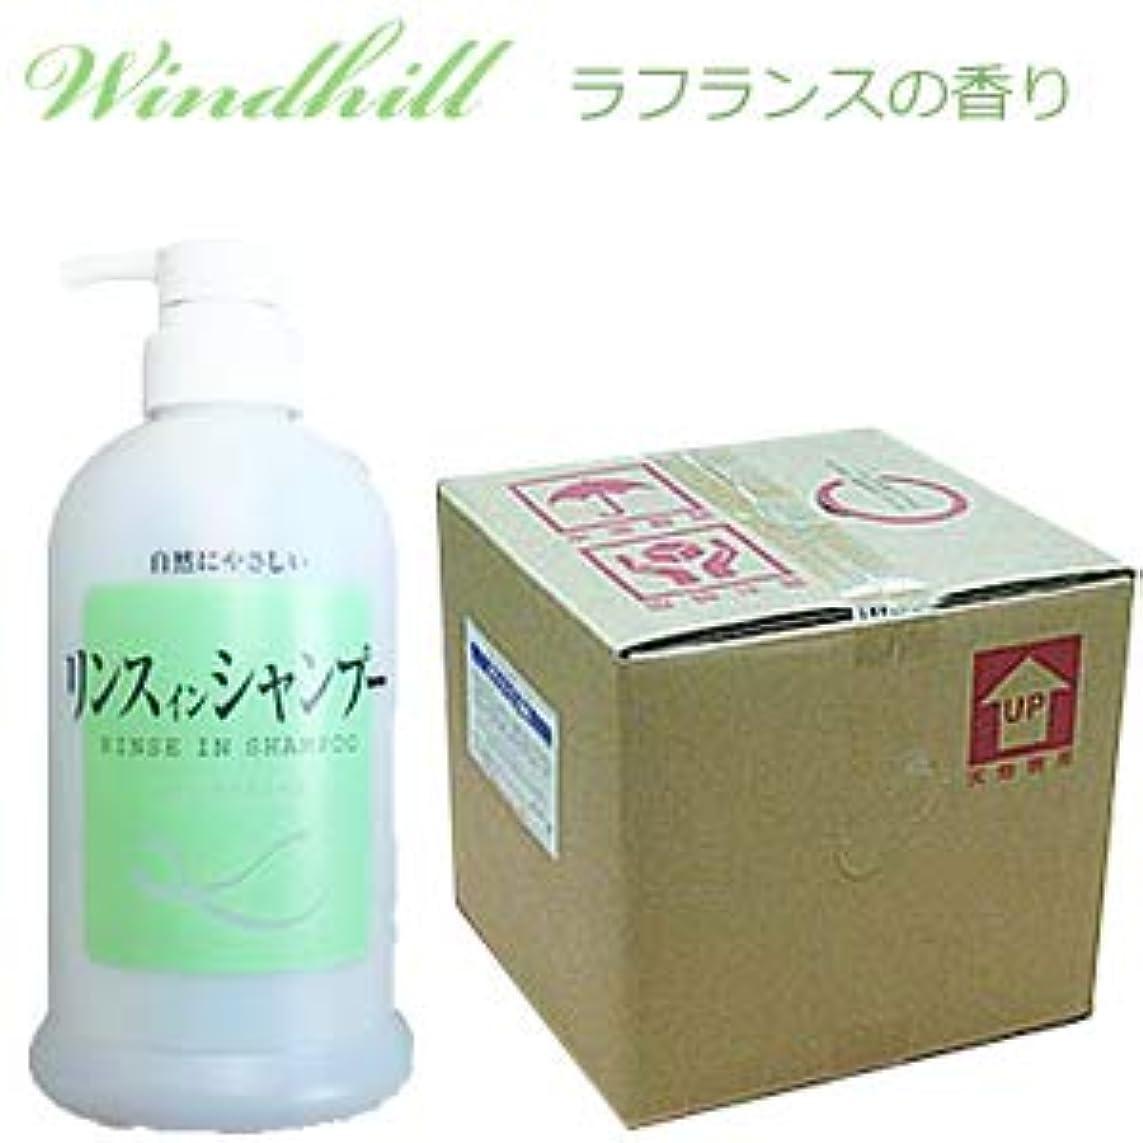 500ml当り173円 Windhill 植物性 業務用 リンスイン シャンプー 爽やかなラフランスの香り 20L